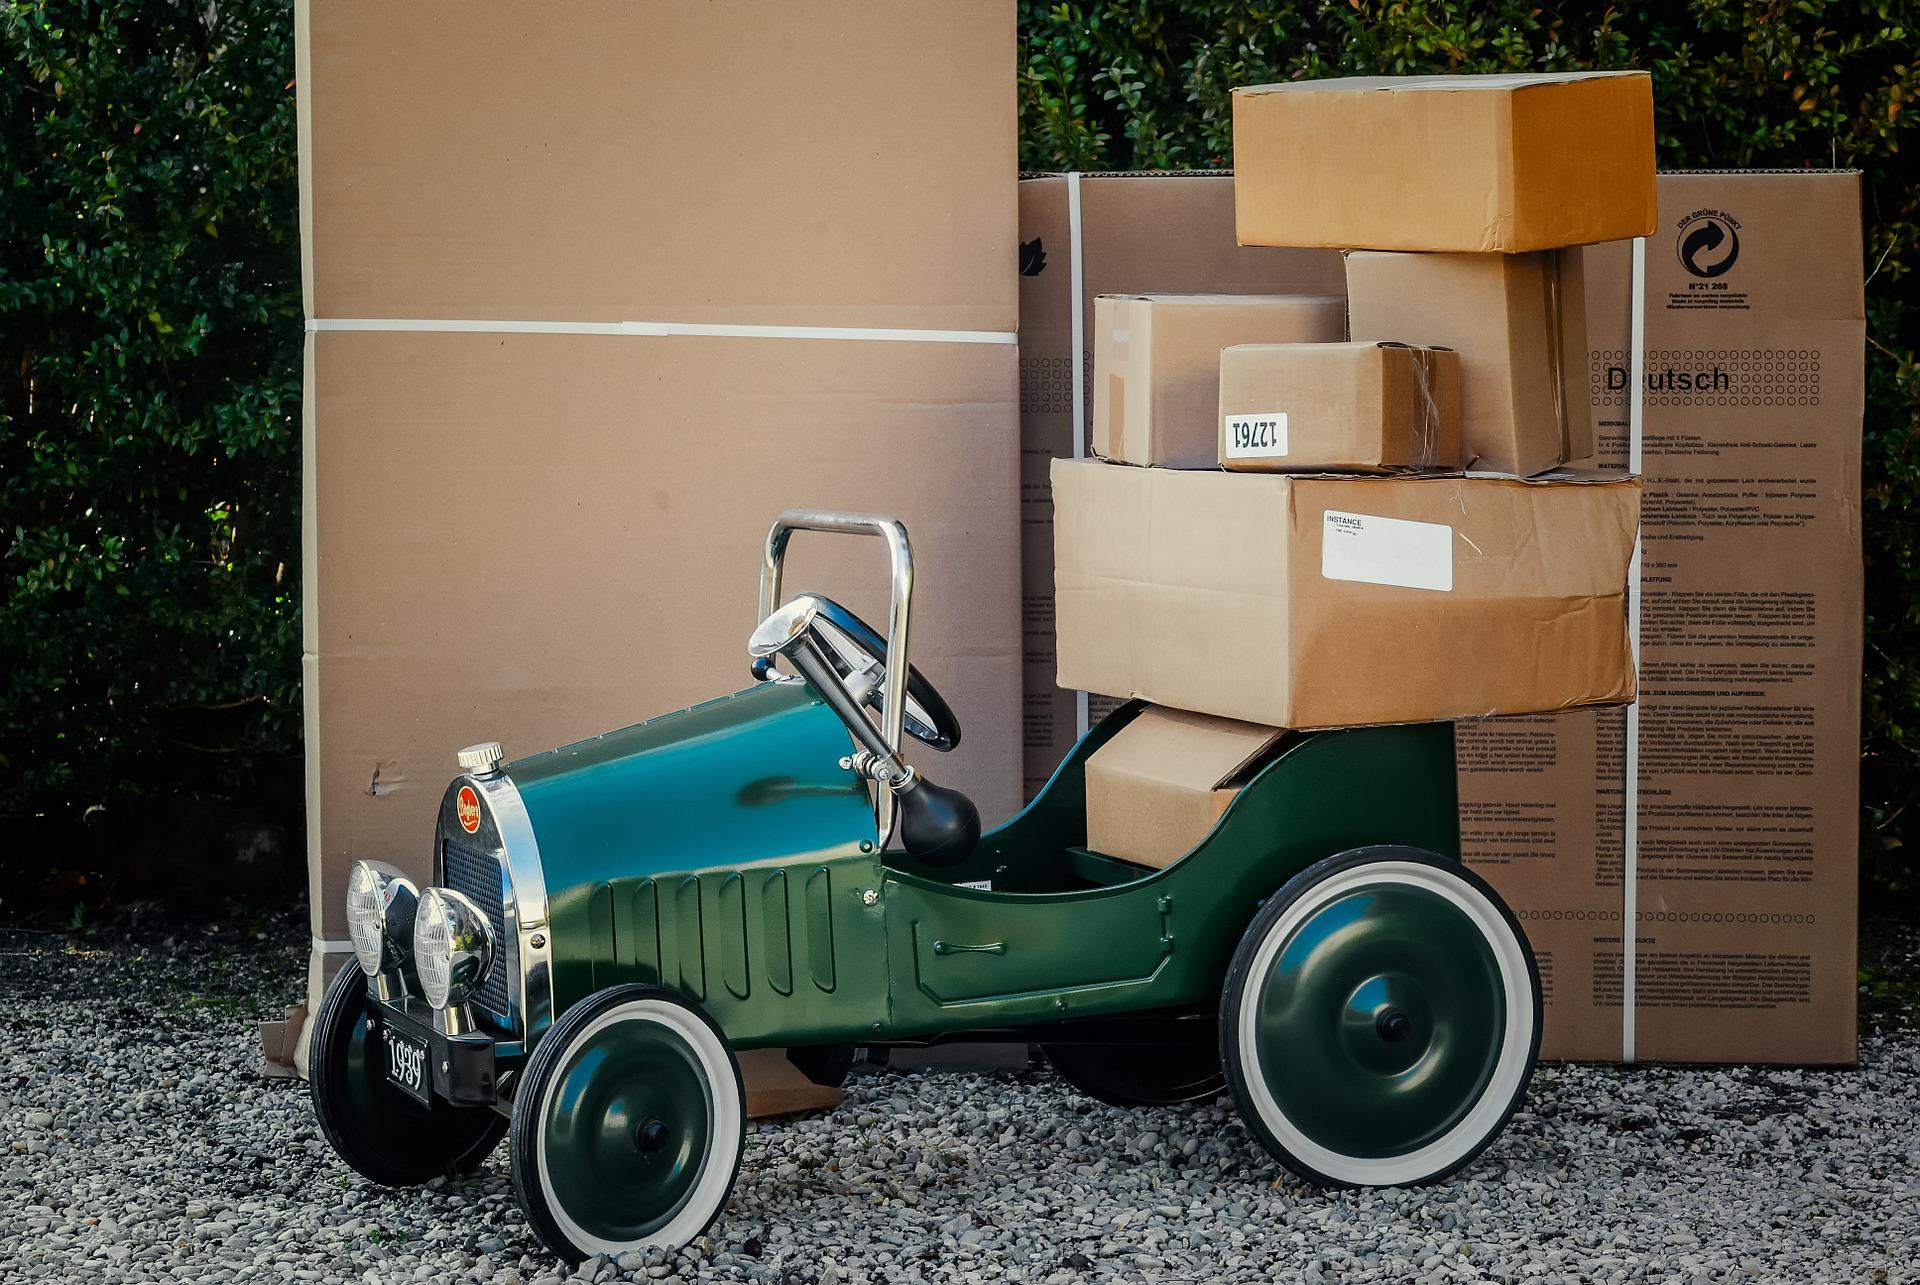 package-1511683_1920.jpg